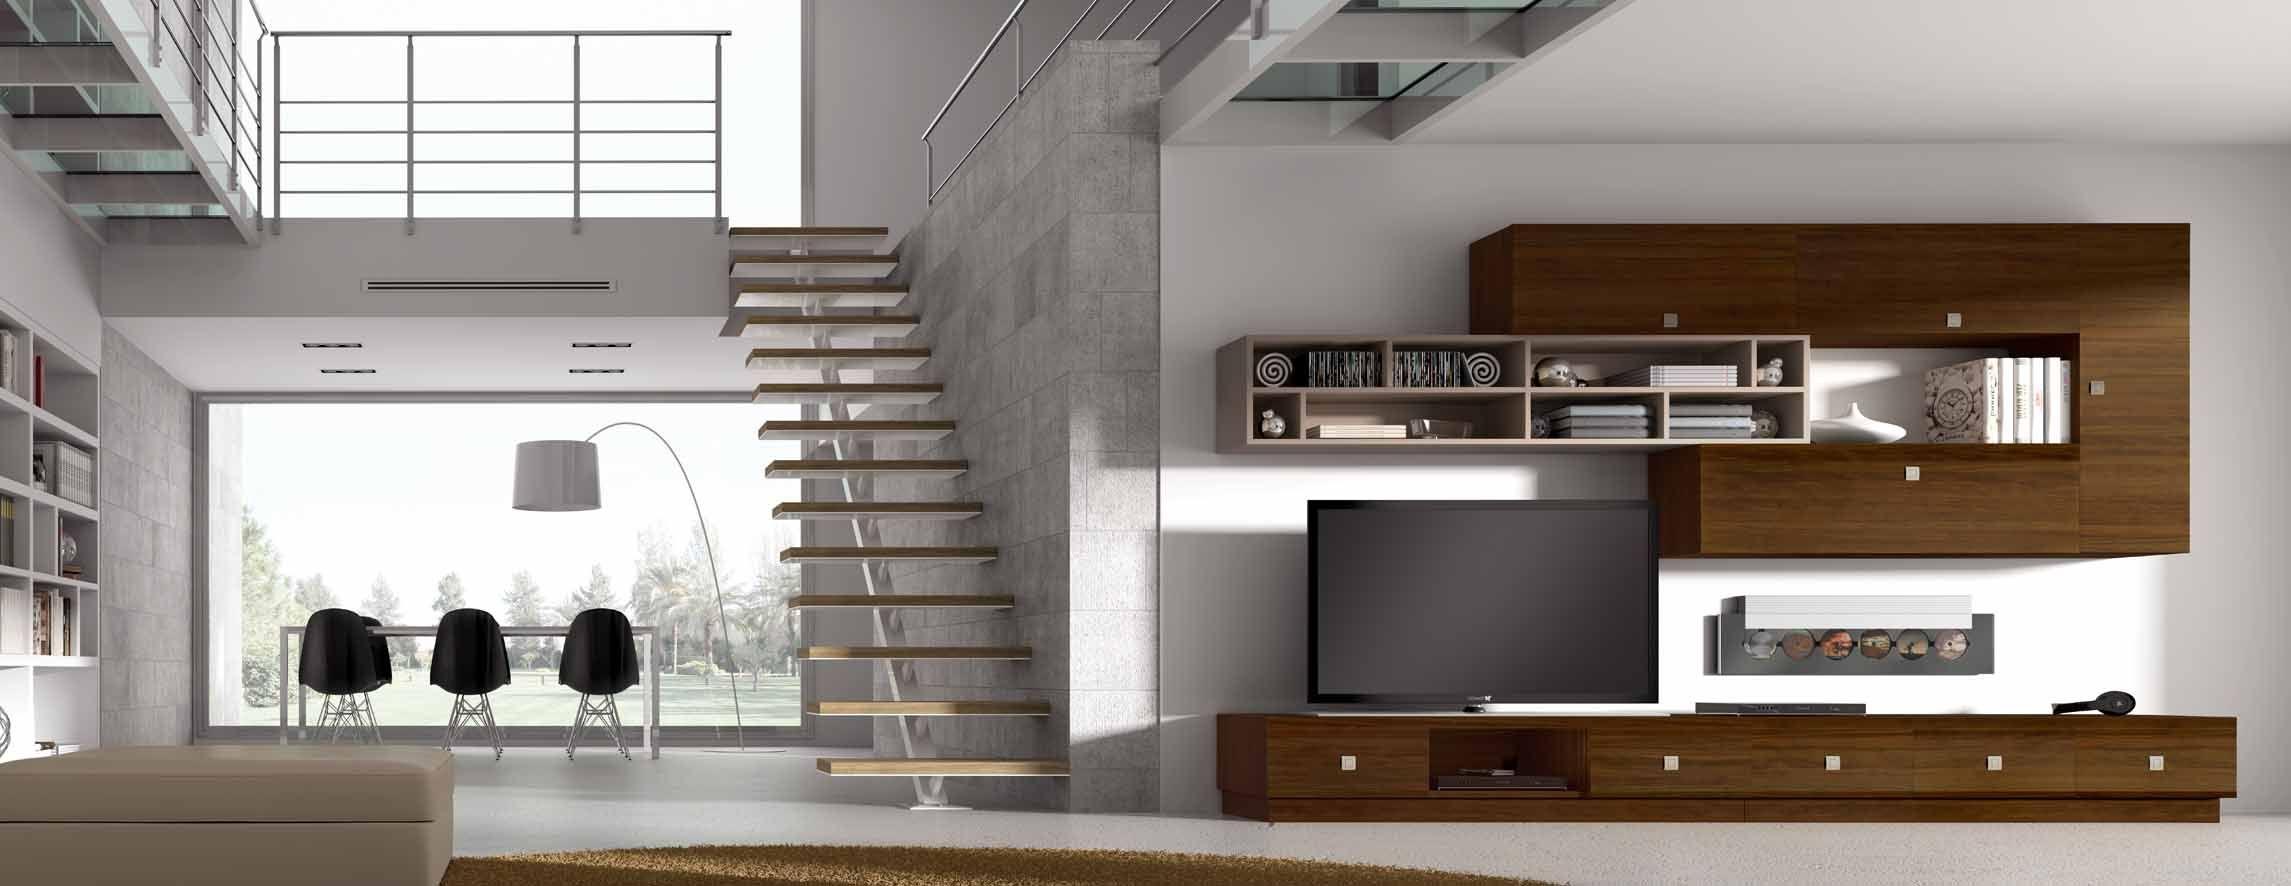 Foto 17 de Muebles y decoración en Cuarte de Huerva | Muebles Pedro Marco